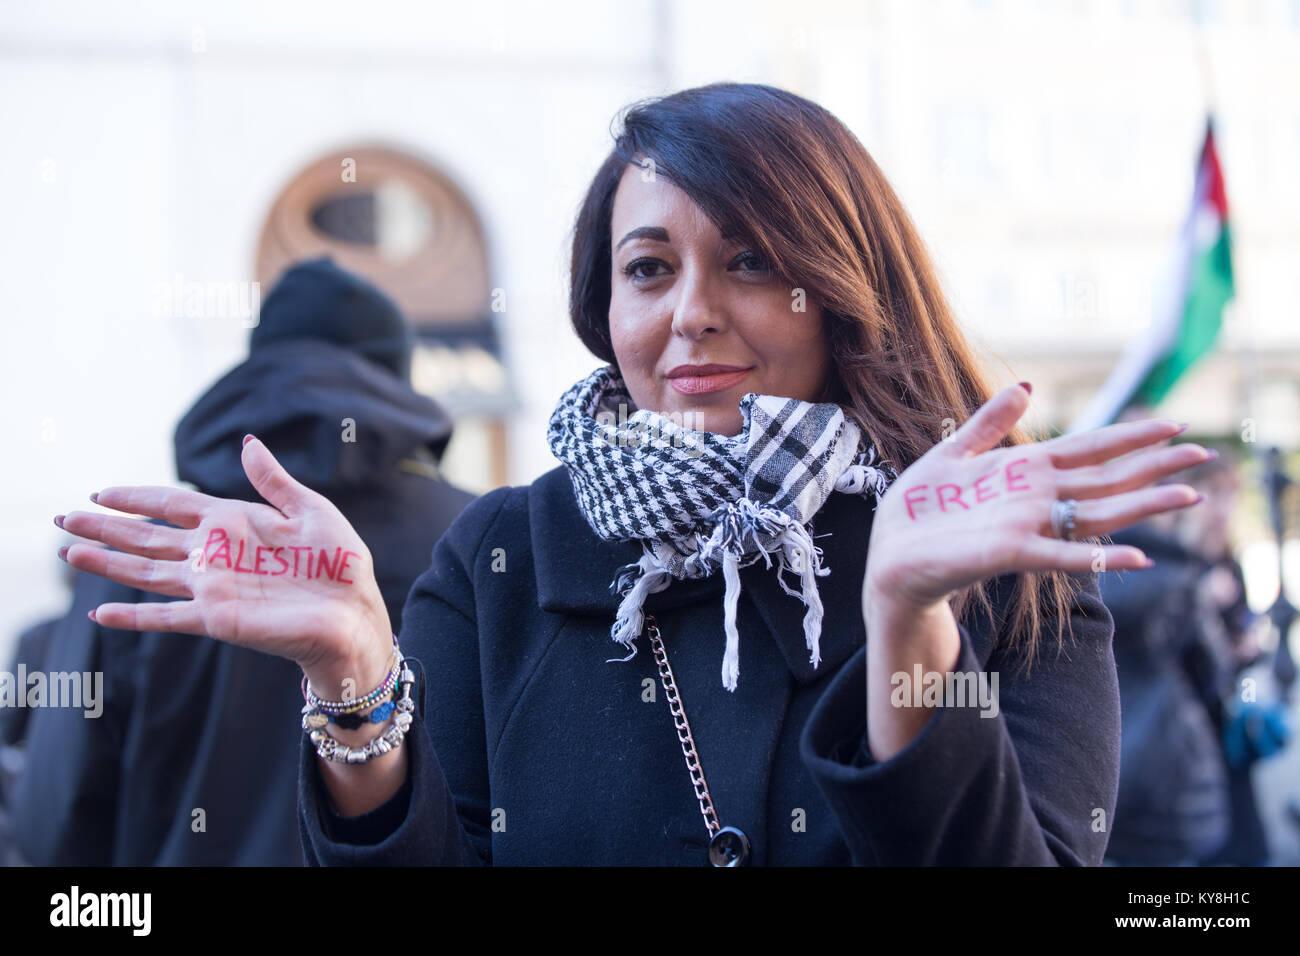 Porr live gratis italiensk porr